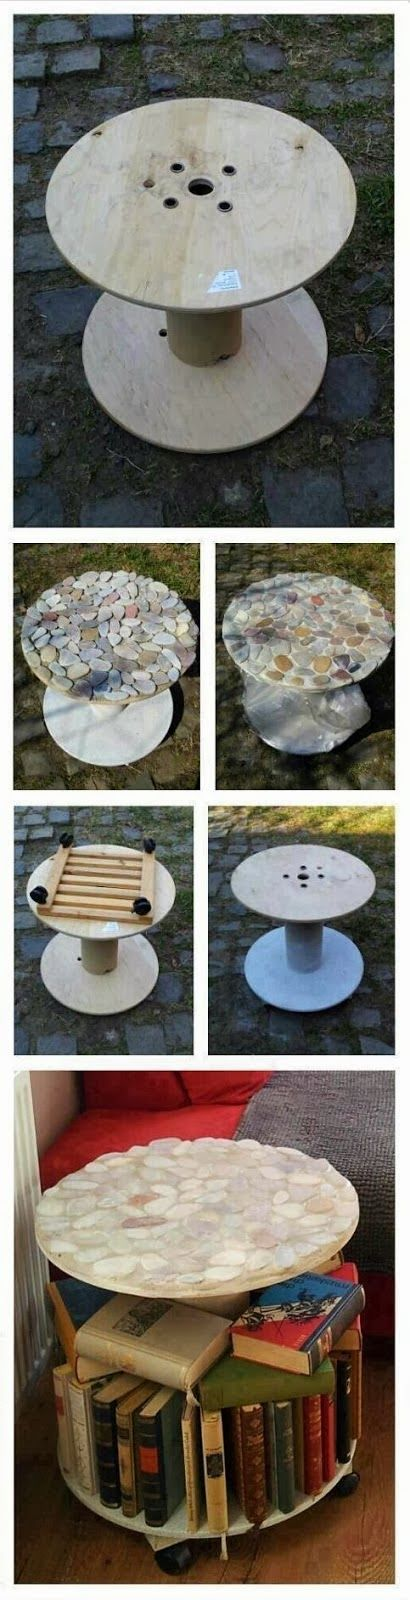 C r A f T - i D e A s - d I y: Make a table by recycling spool